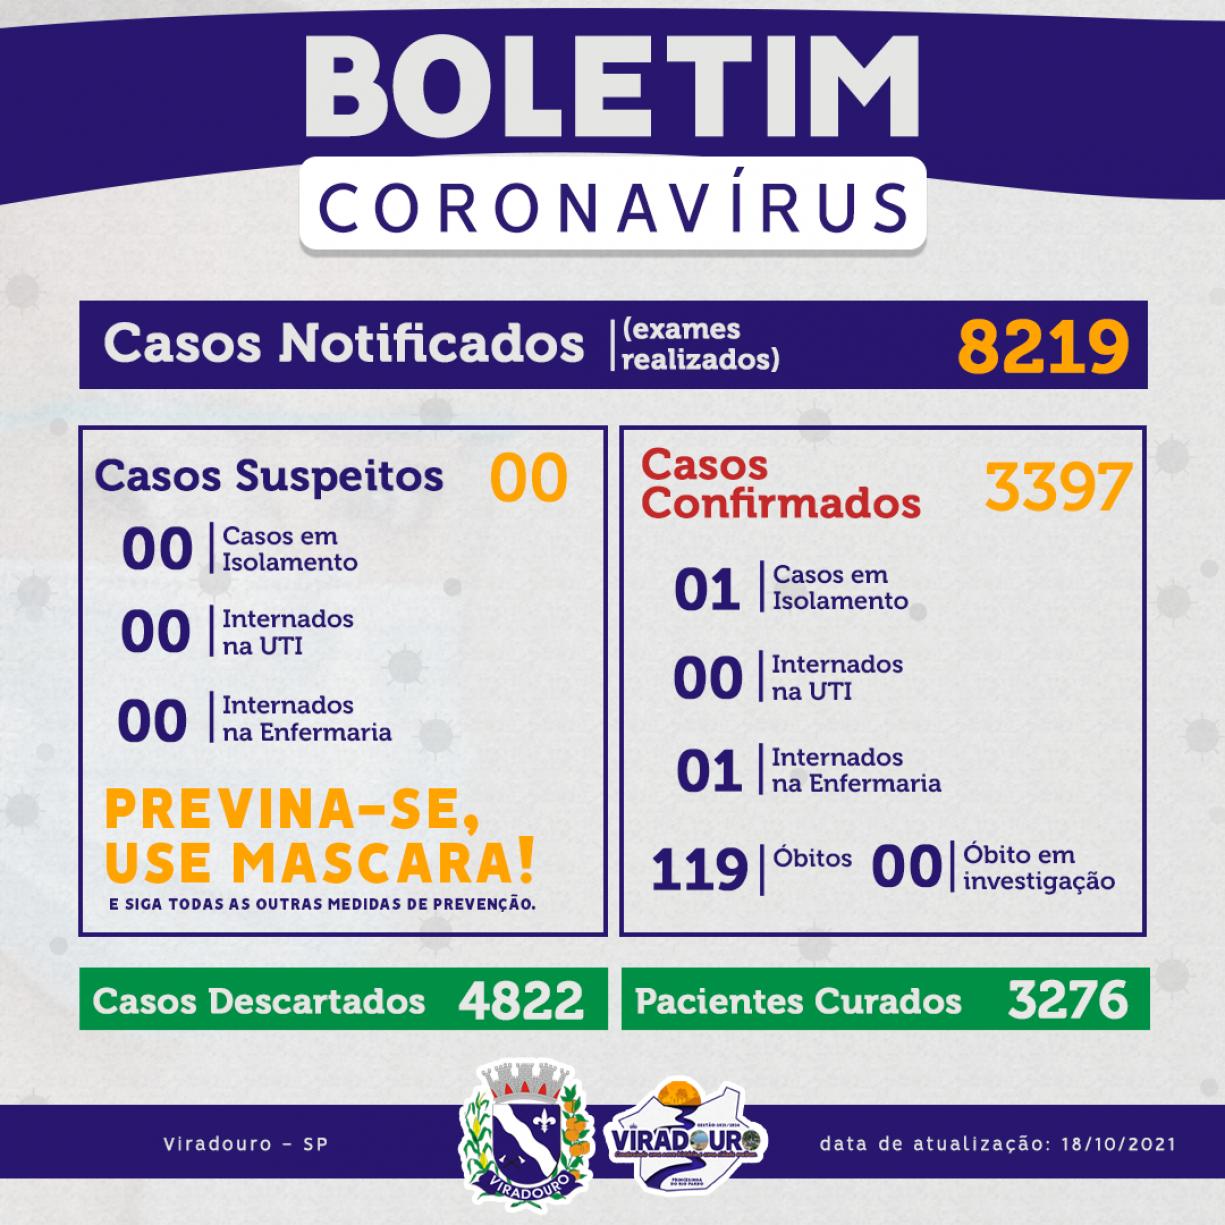 CORONAVÍRUS: BOLETIM EPIDEMIOLÓGICO (ATUALIZAÇÃO 18/10/2021)